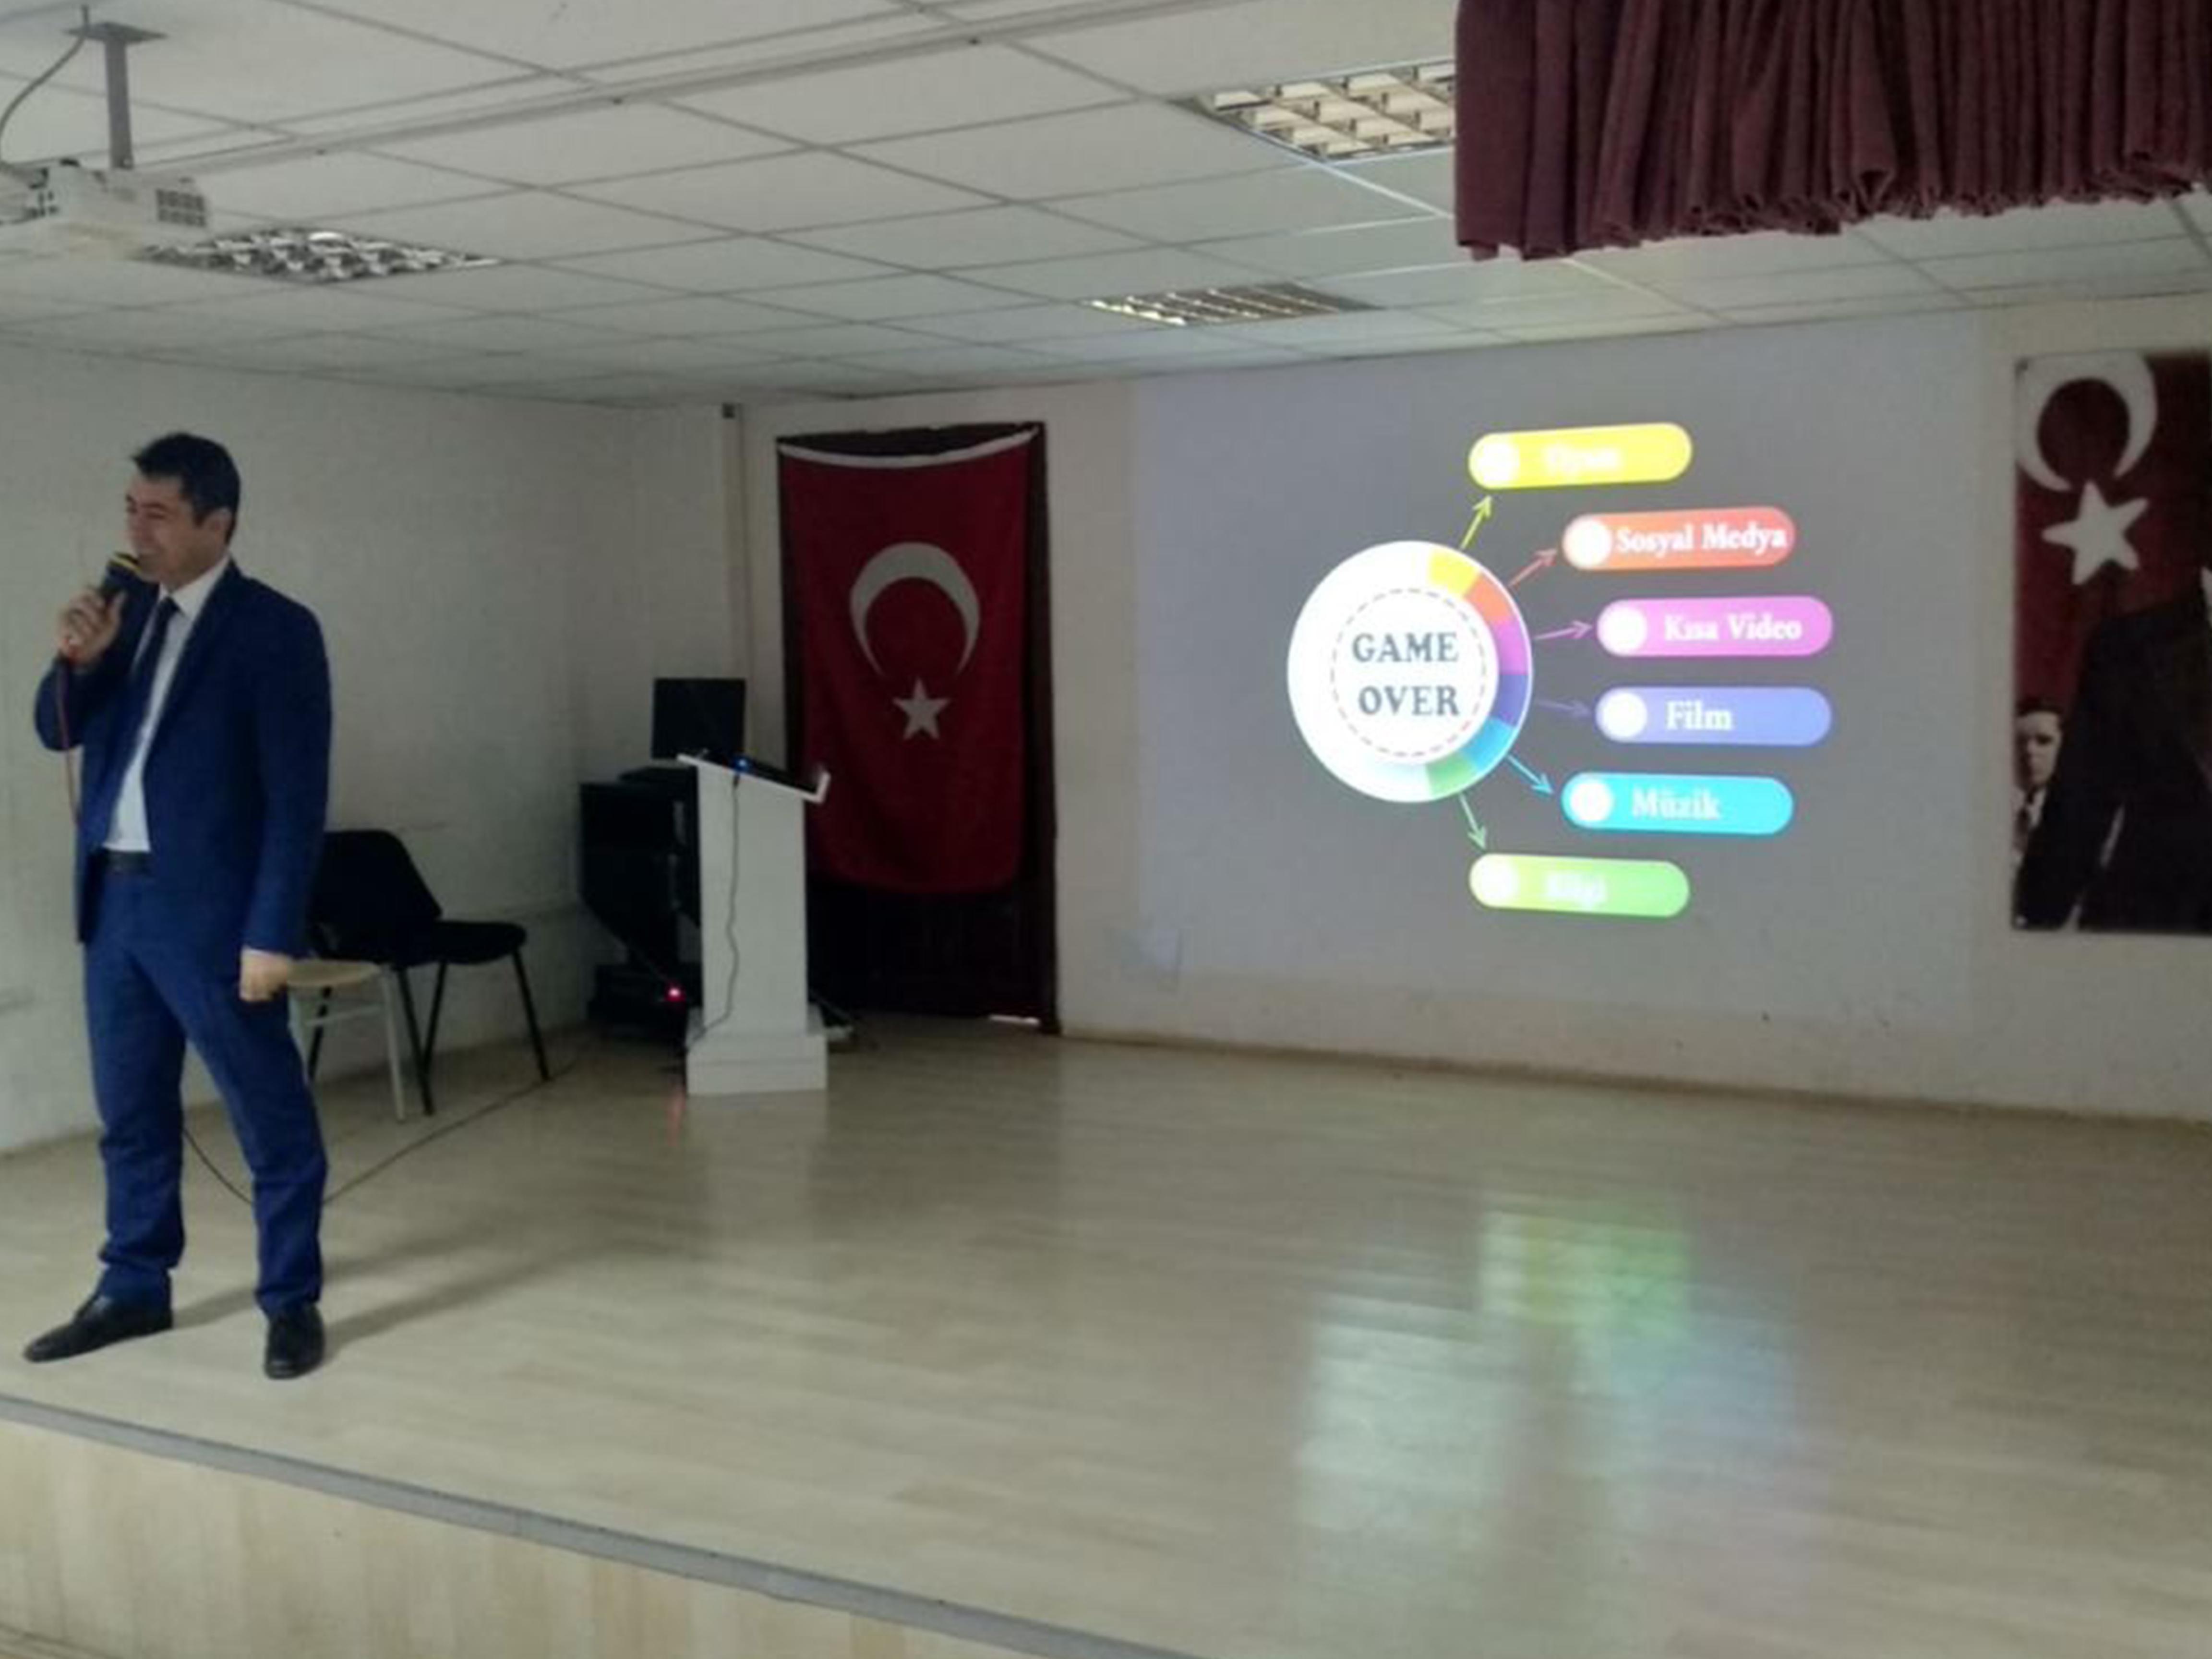 Ankara Altındağ Ahmet Yesevi Mesleki Teknik Anadolu Lisesi, Bilinçli Ve Güvenli İnternet Semineri